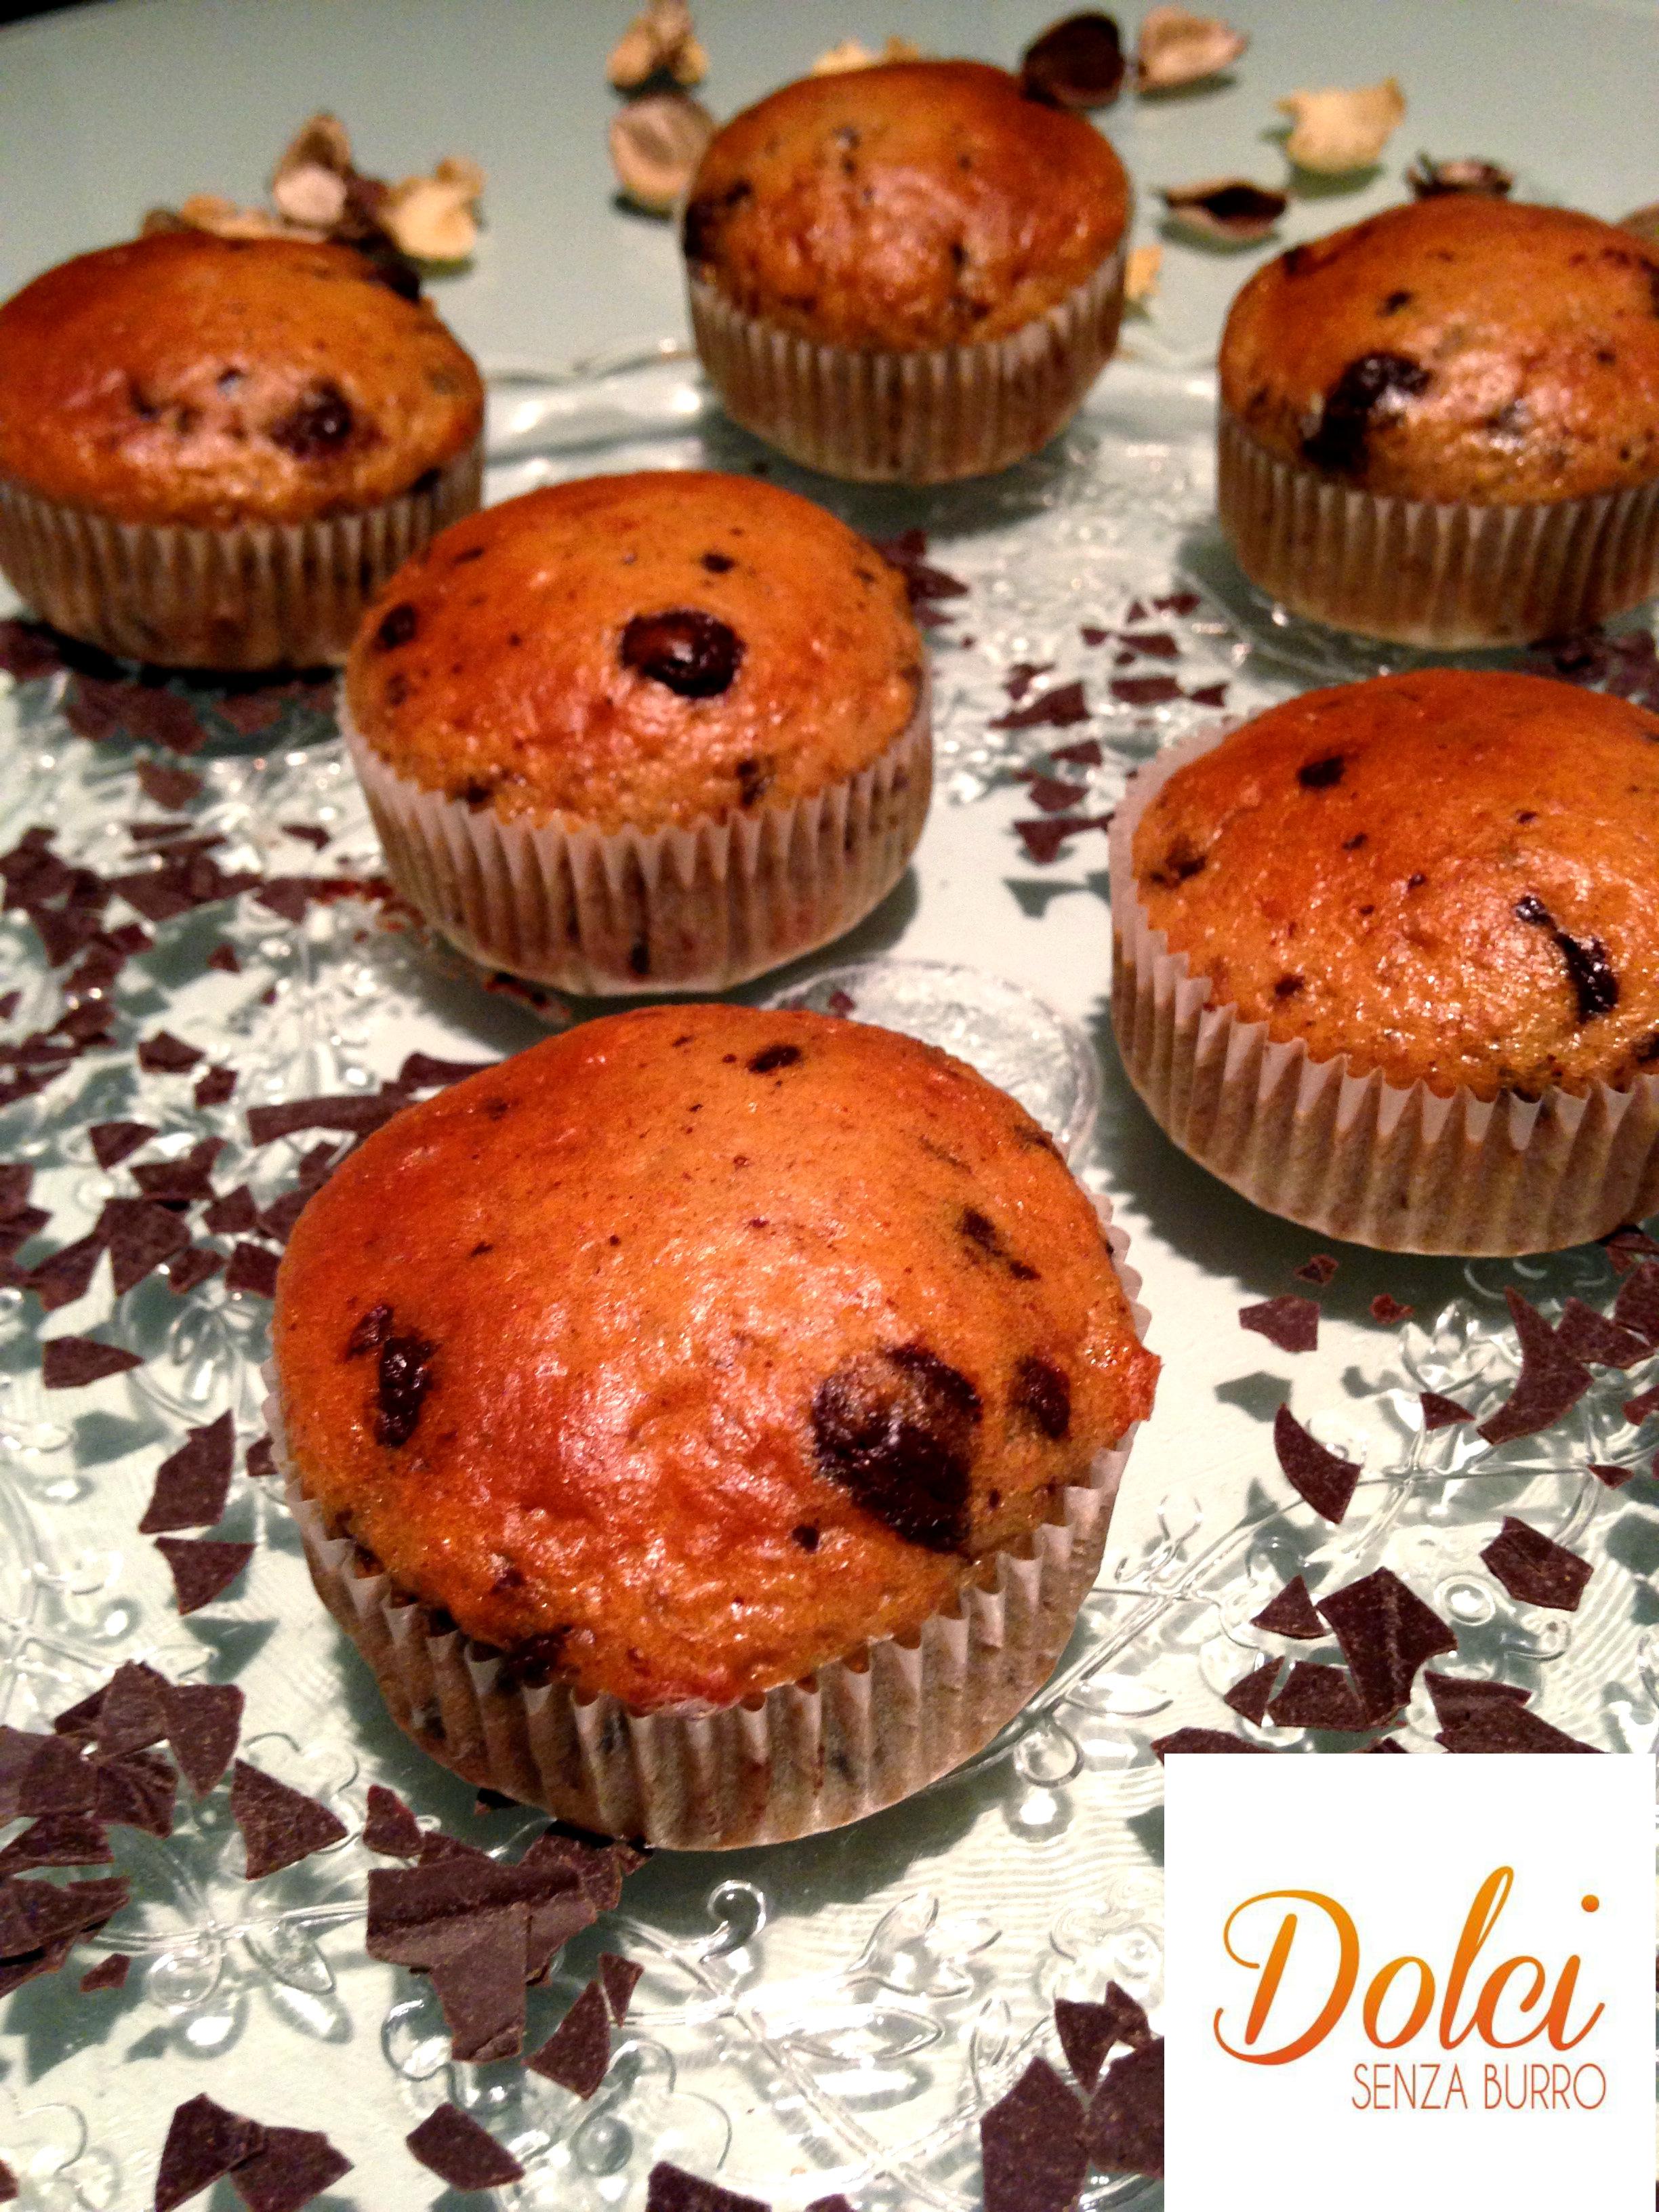 muffin integrali senza burro al cioccolato, un goloso muffin di dolci senza burro